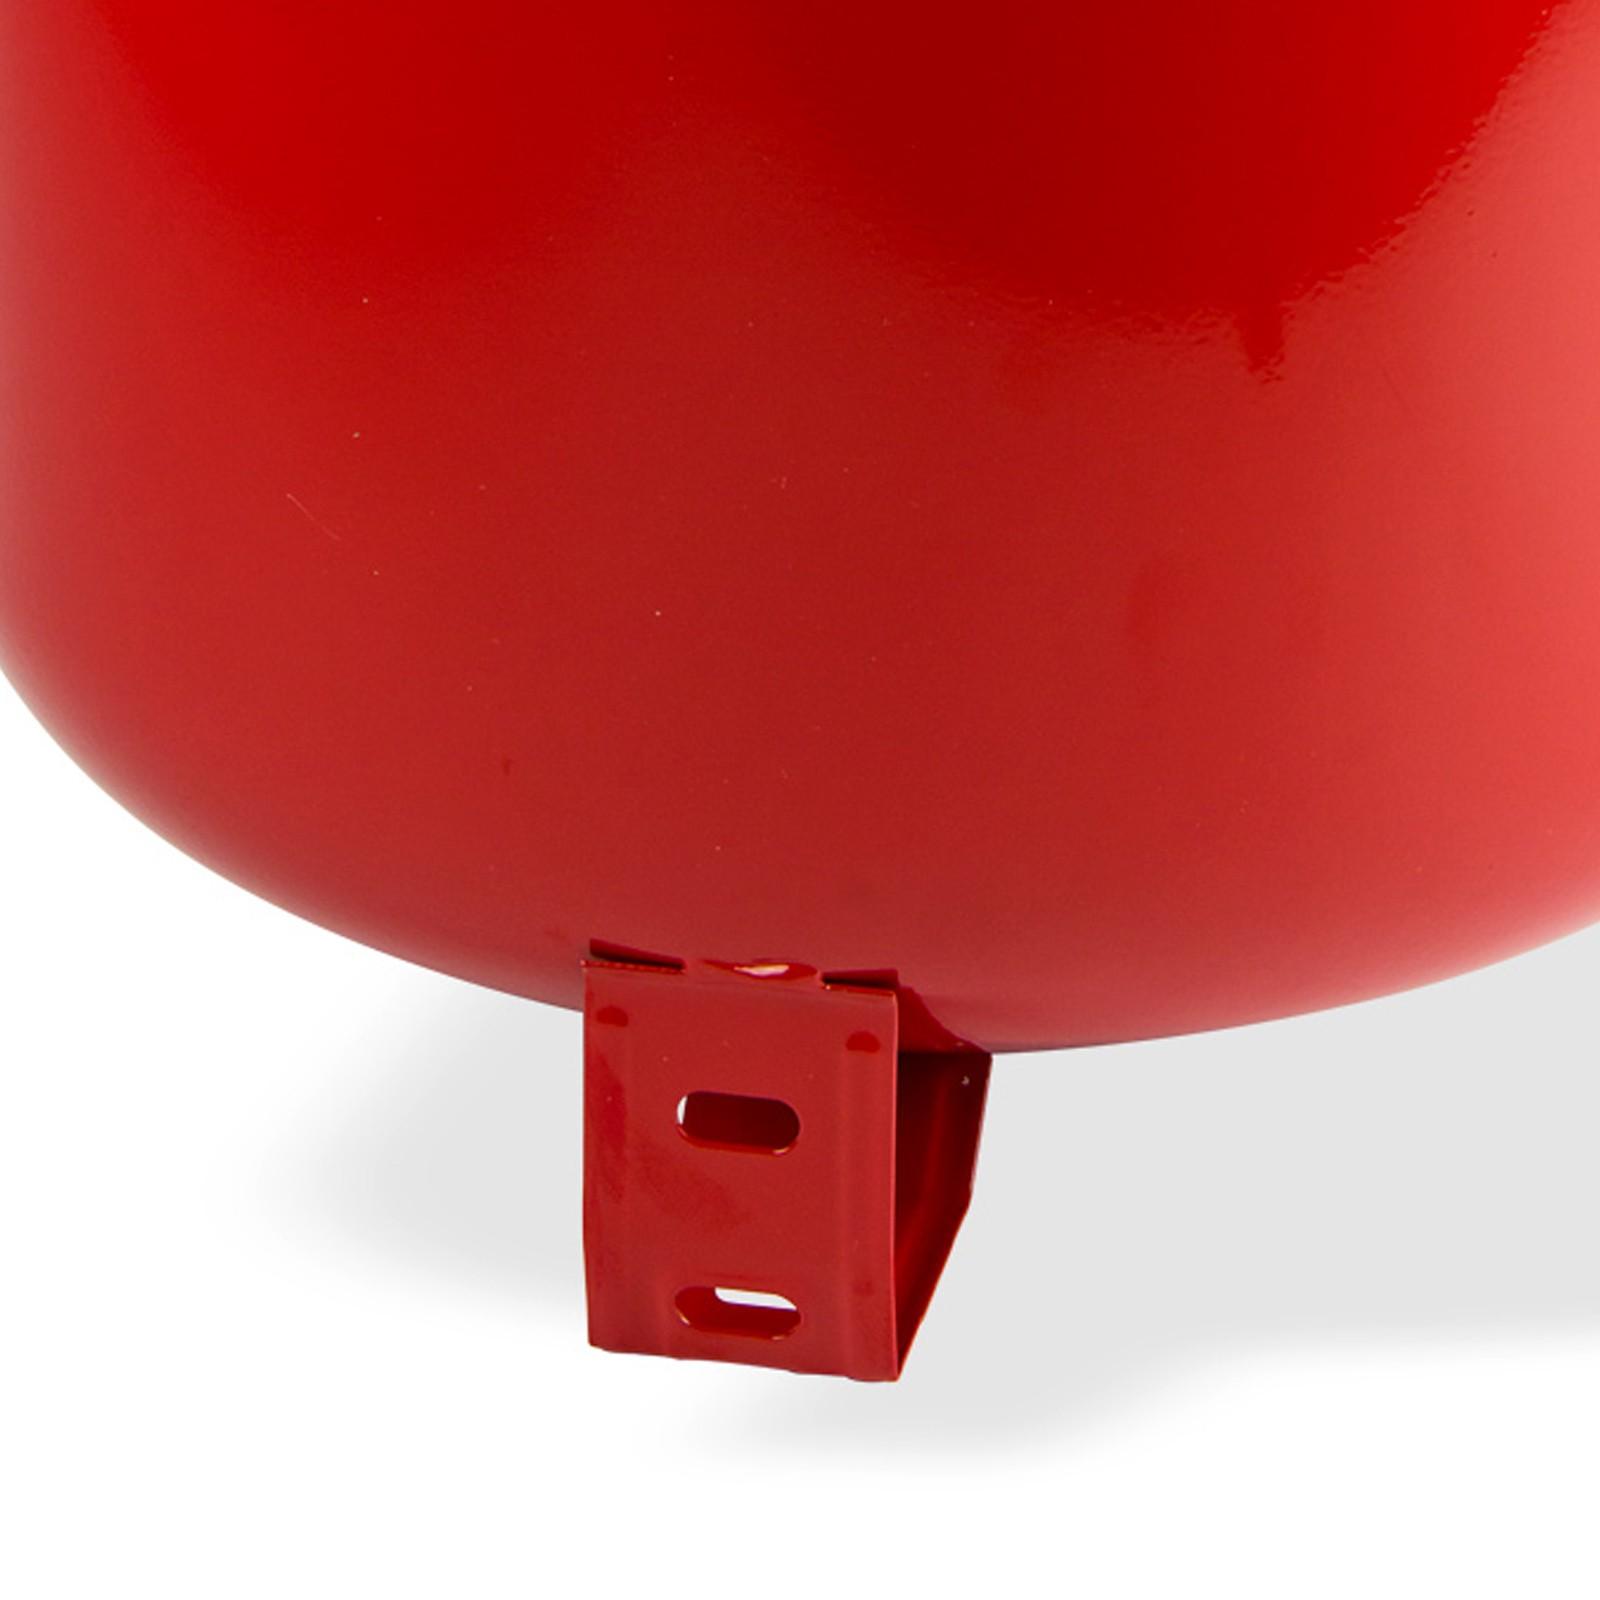 stabilo sanitaer ausdehnungsgef 35l stehend rot ausgleichsbeh lter heizung ebay. Black Bedroom Furniture Sets. Home Design Ideas